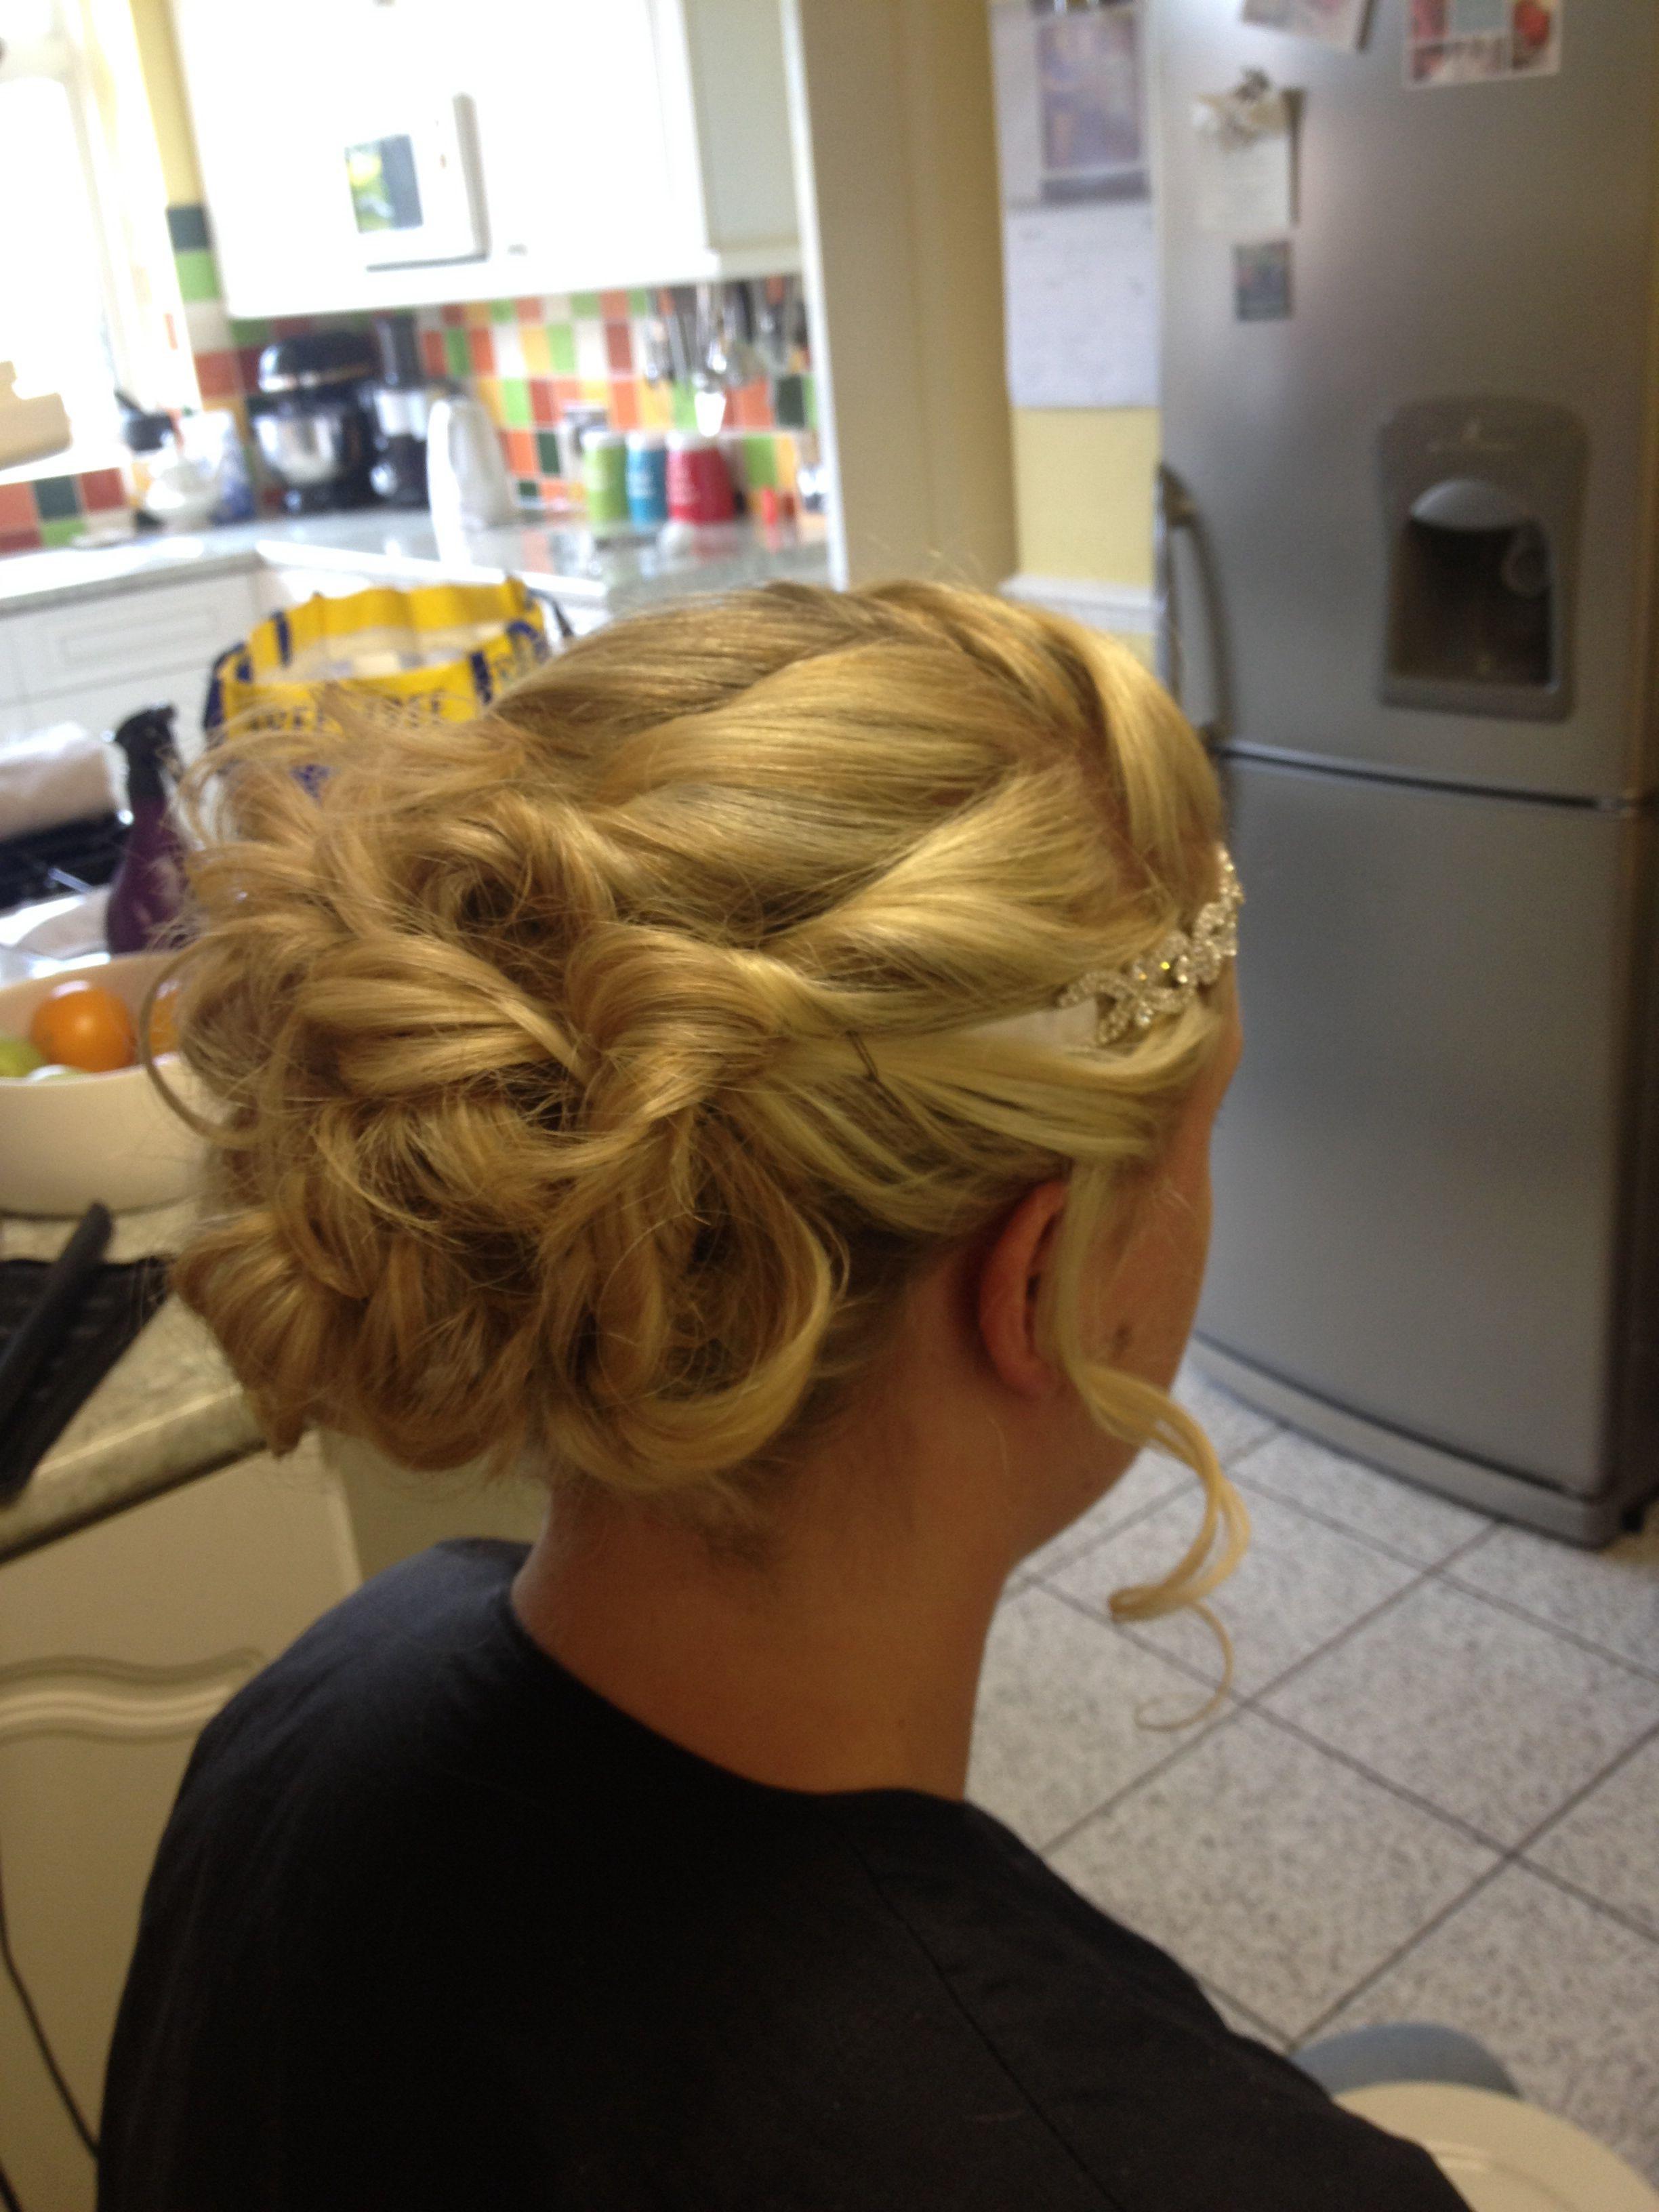 My wedding hair trial x my wedding day x pinterest weddings